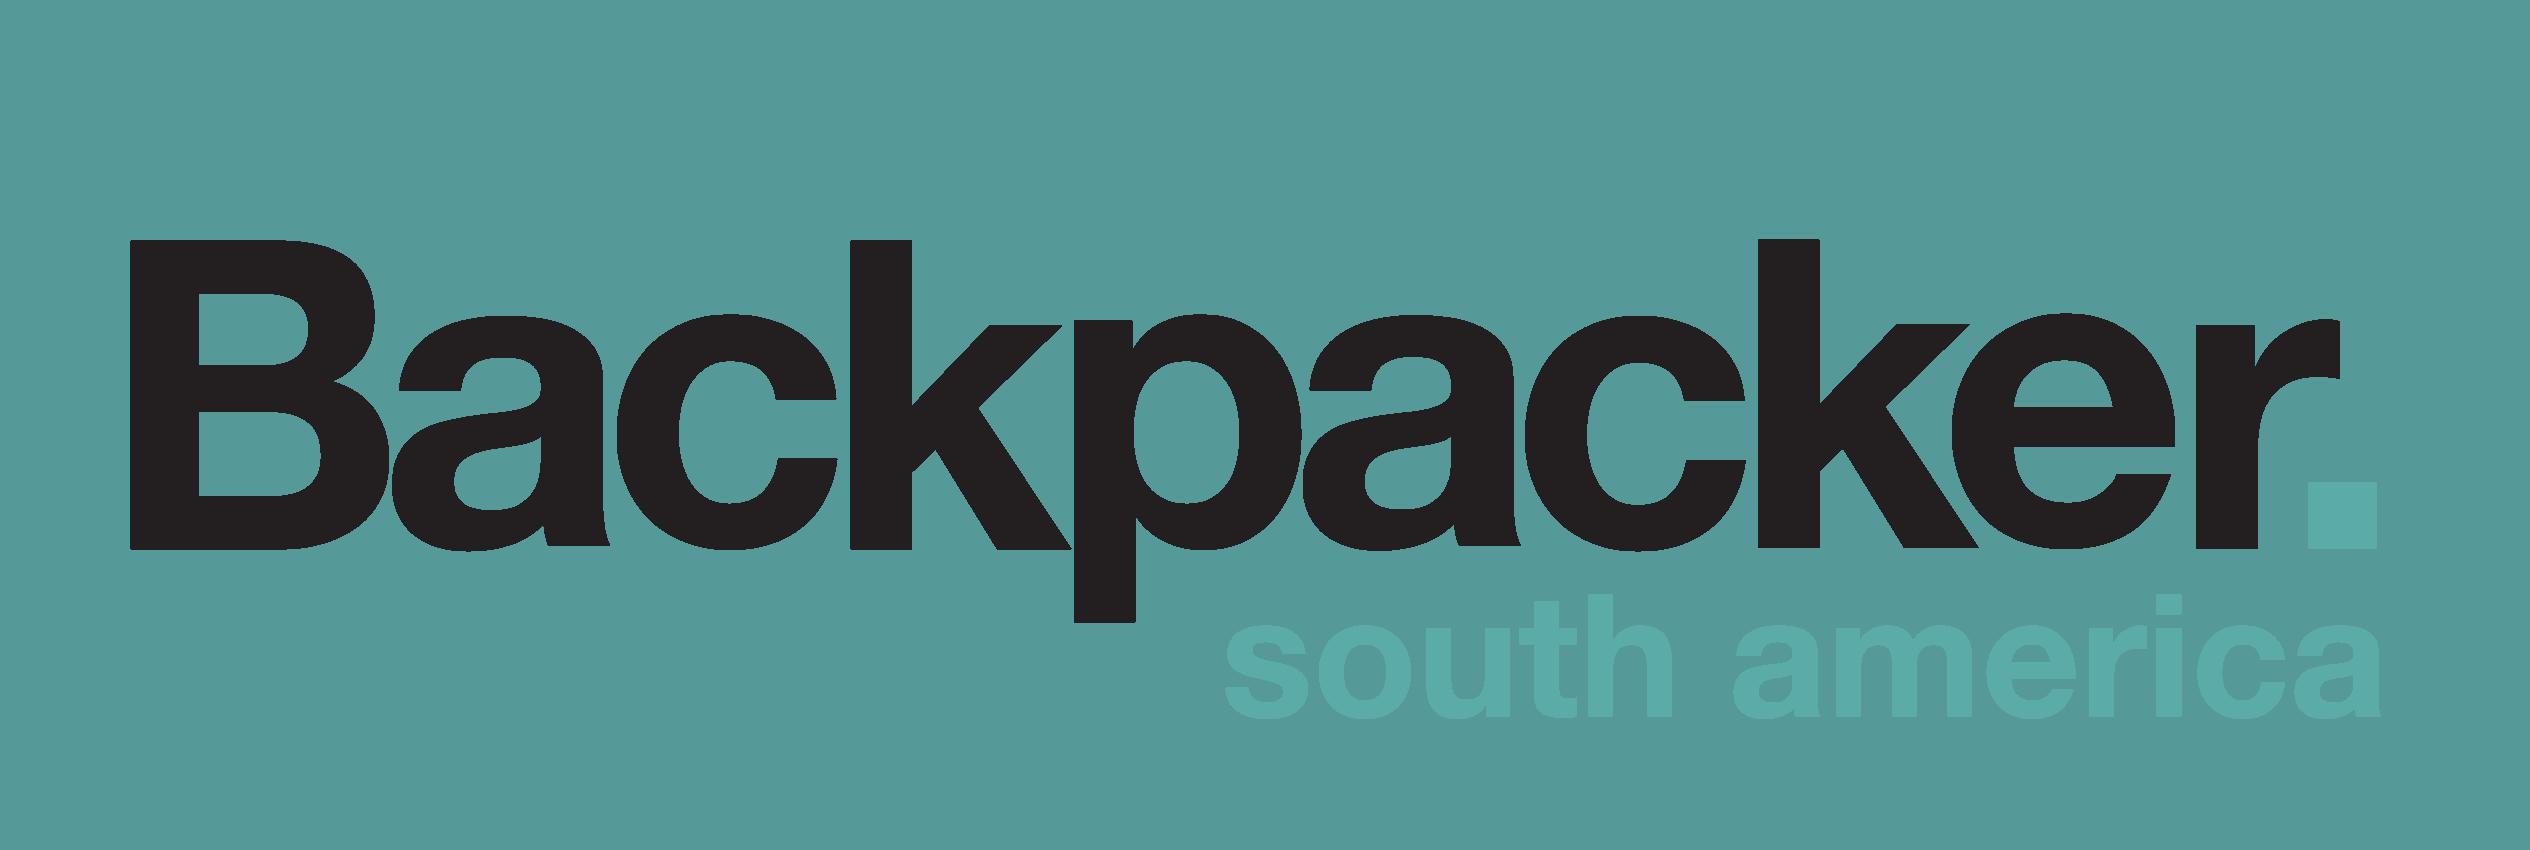 South America Backpacker